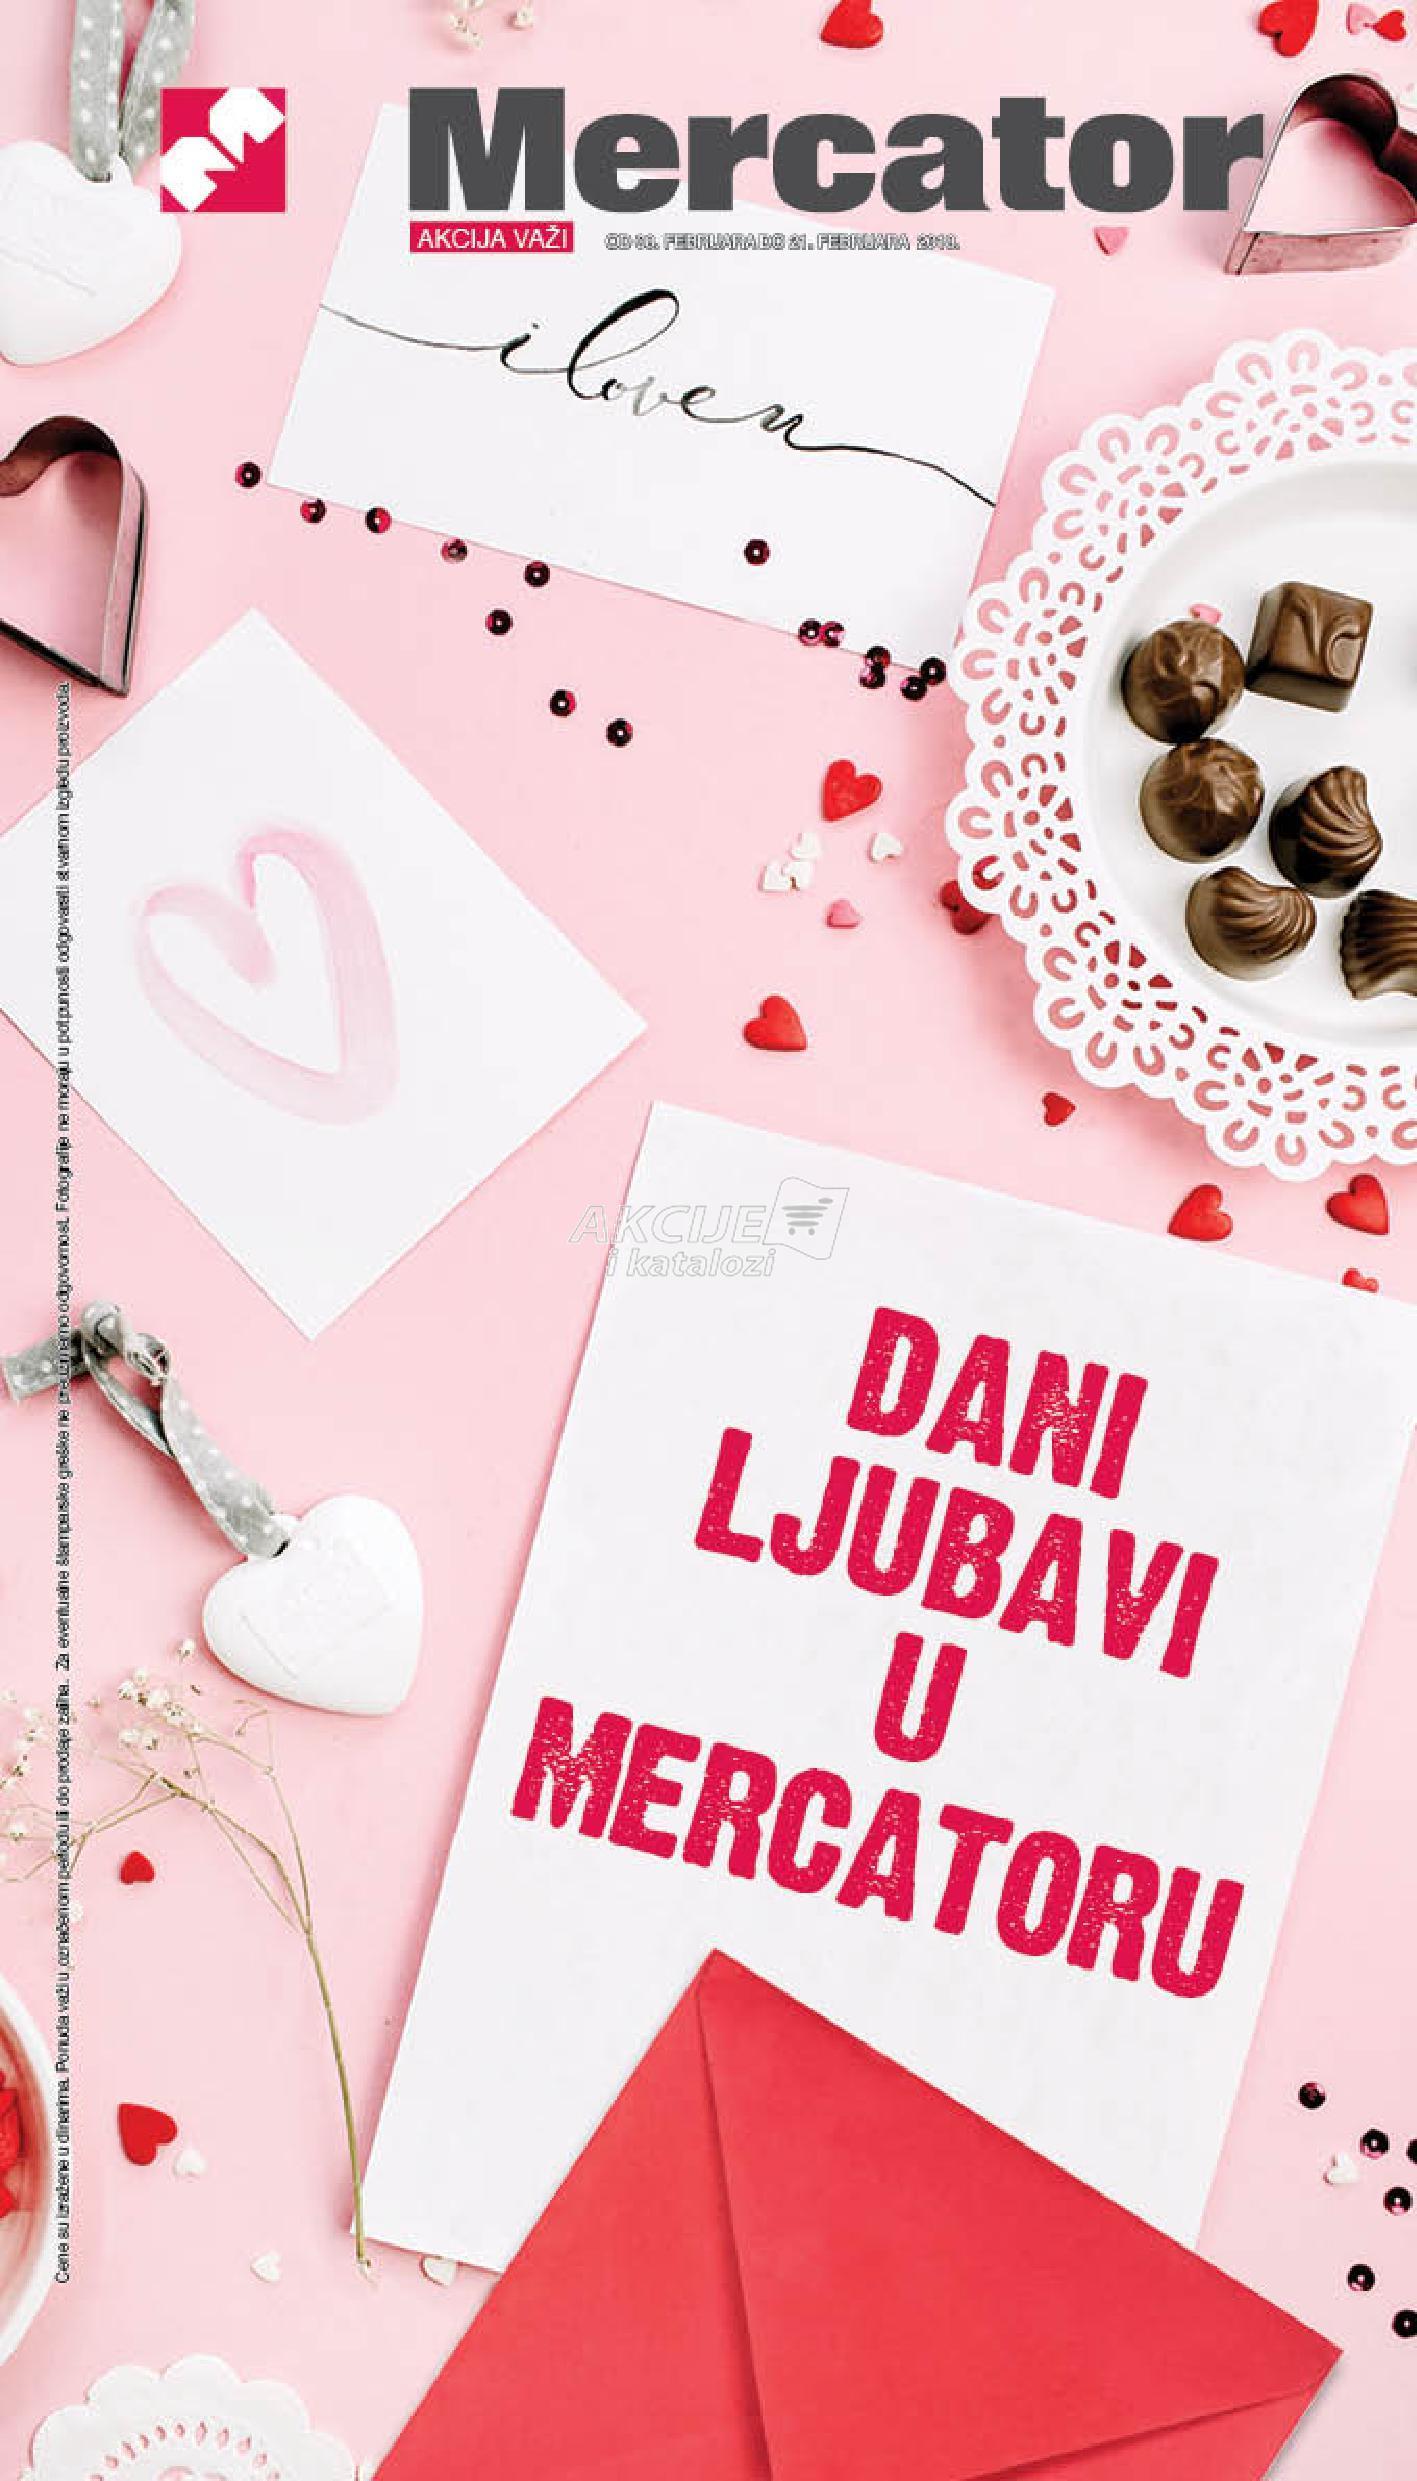 Mercator - Redovna akcija dani ljubavi